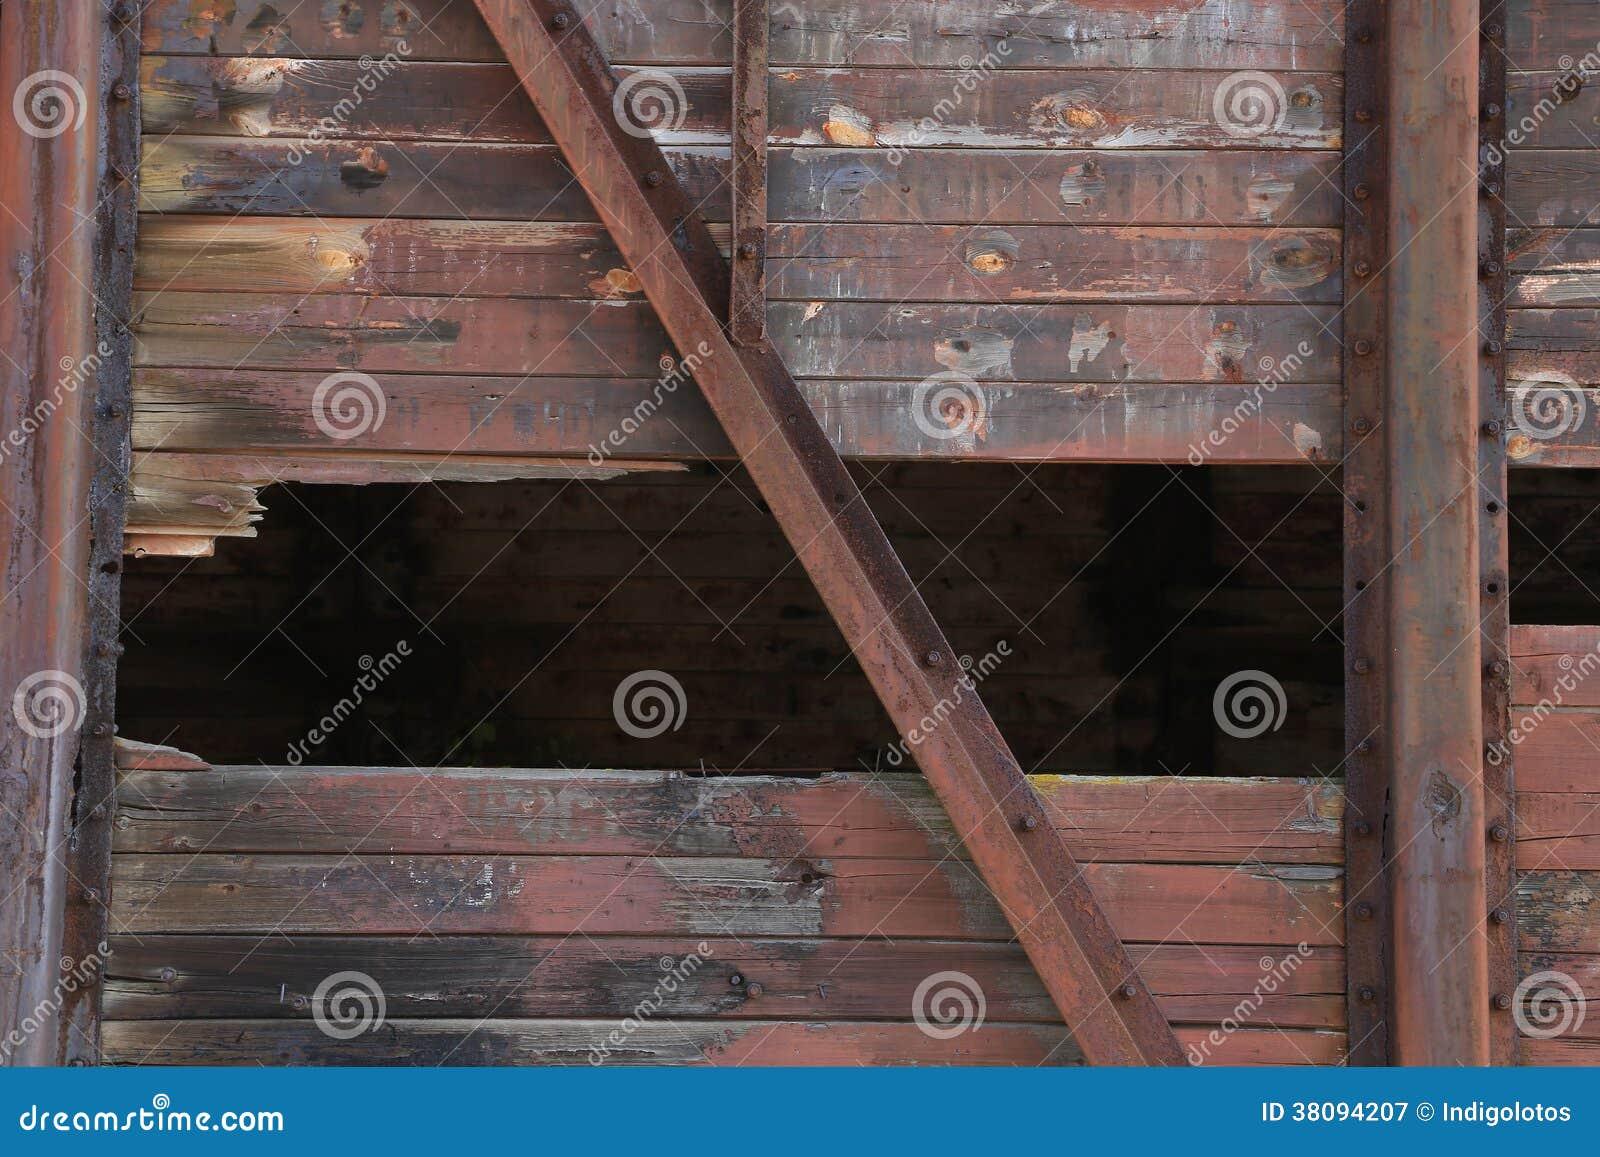 Pared de madera marrón quebrada con textura del metal.